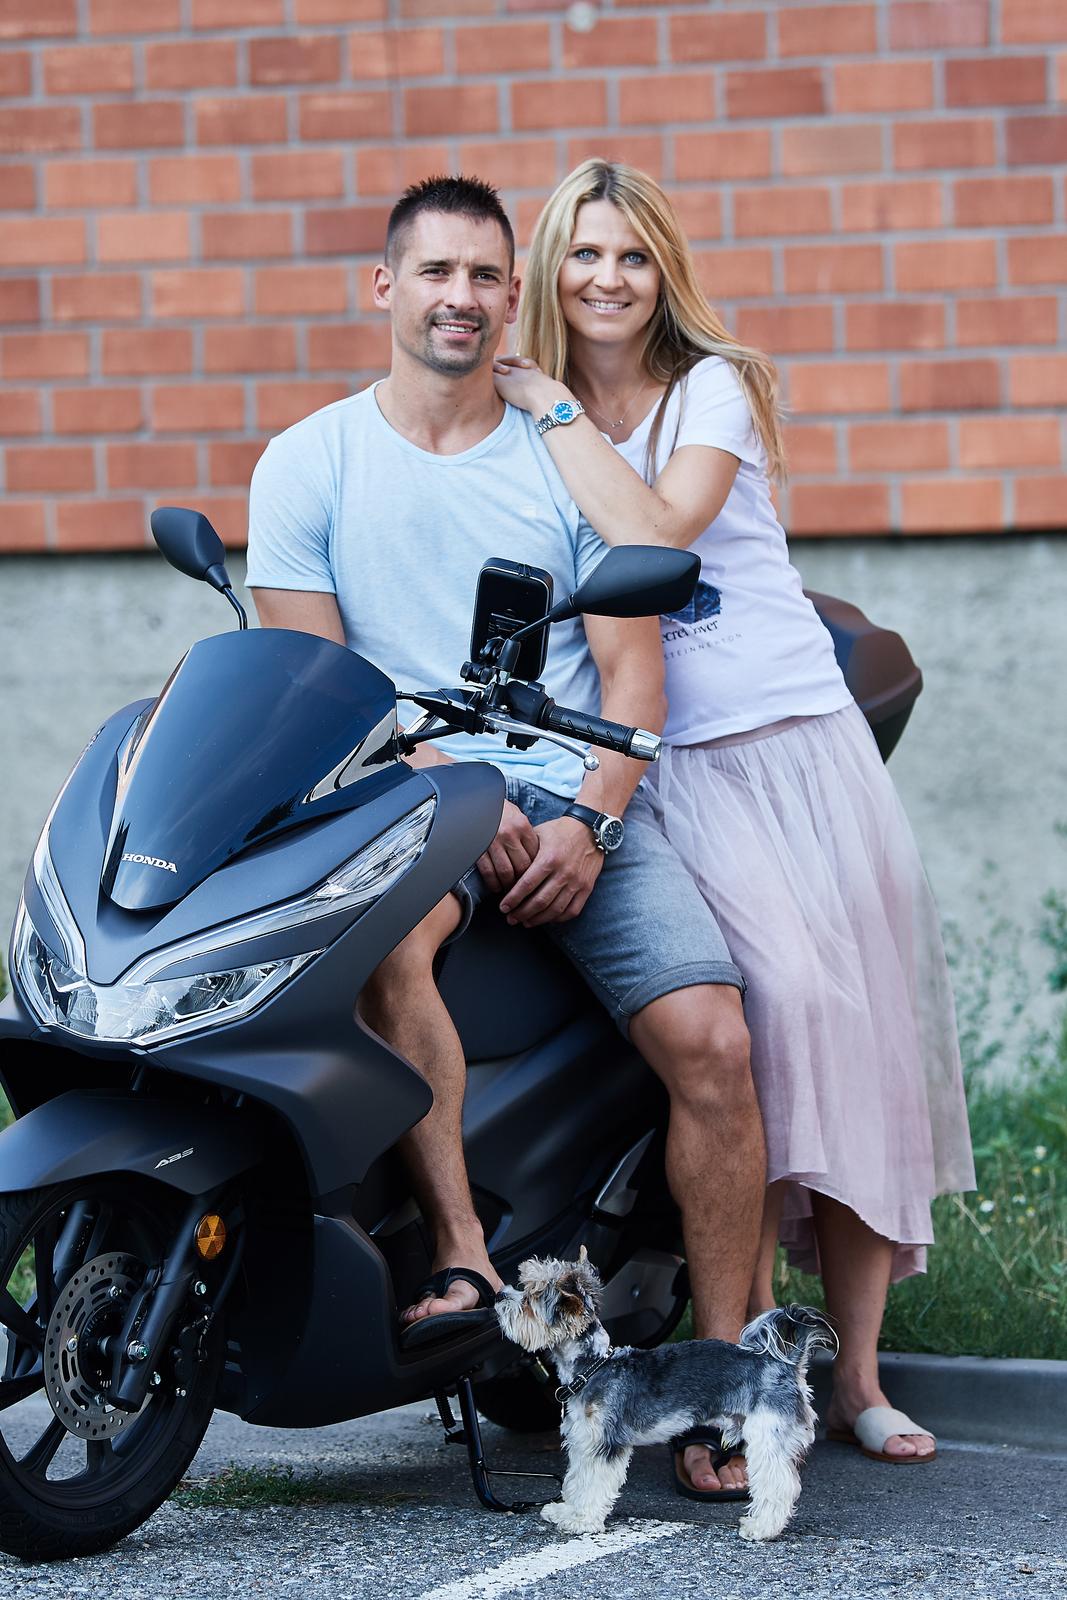 Exmanžel Tomáš Plekanec s těhotnou přítelkyní Lucií Šafářovou.